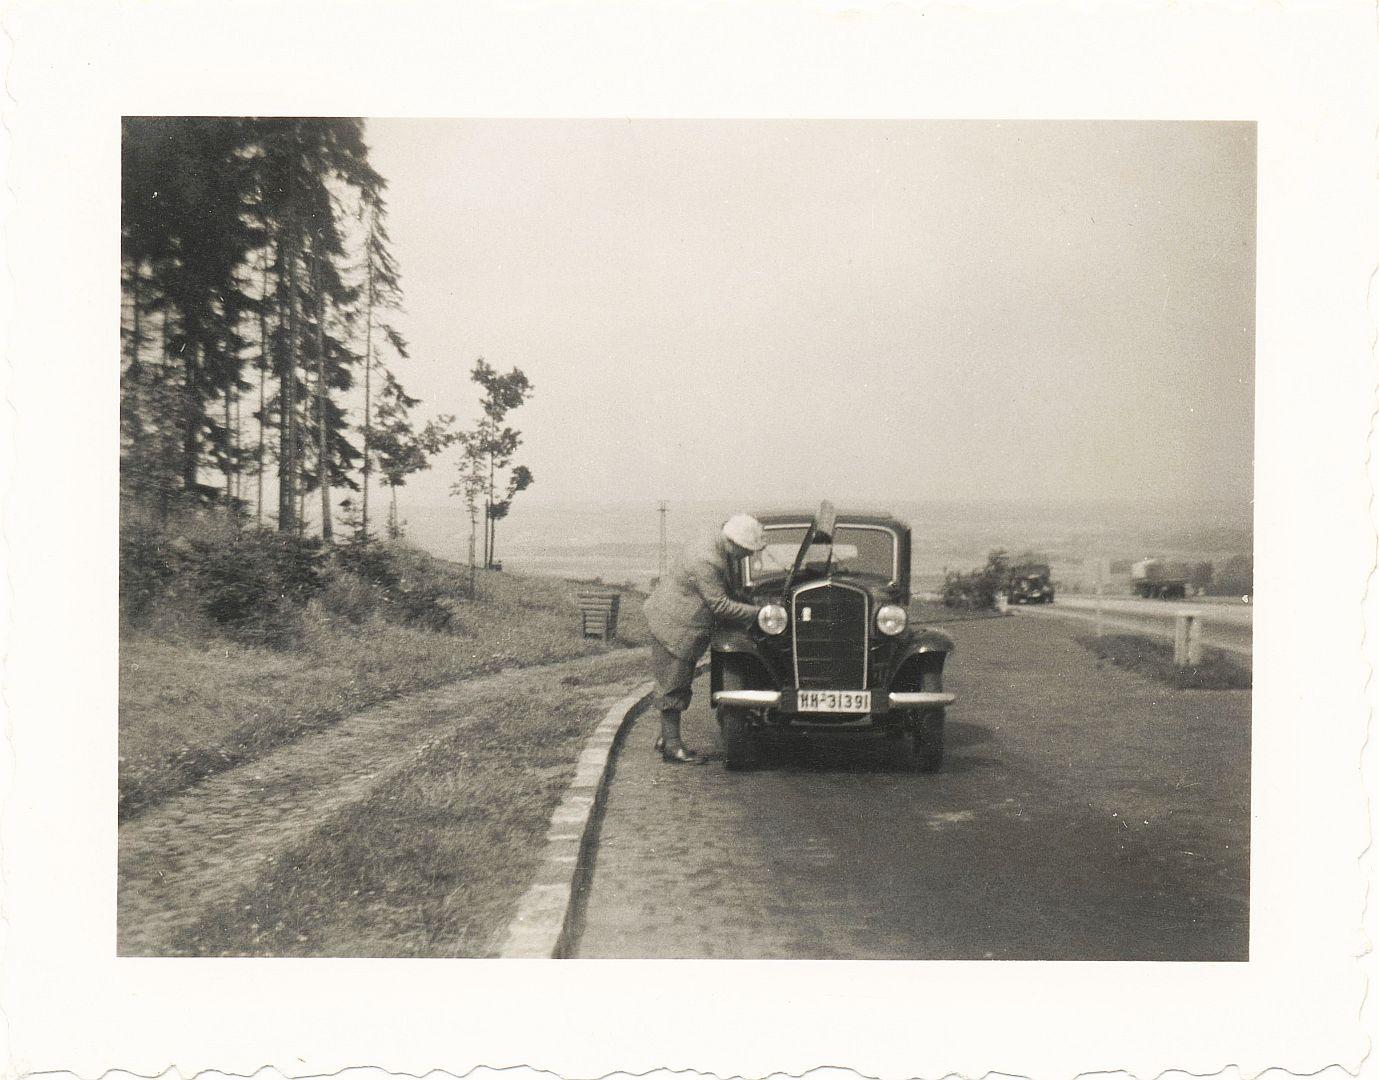 Opel_P4_Reichsautobahn_26-07-1939_Galerie